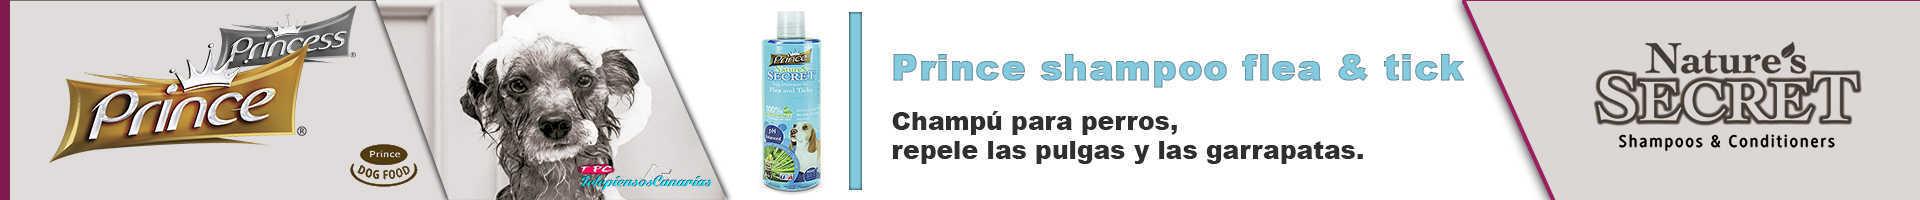 Prince champú para perros, contra pulgas y garrapatas